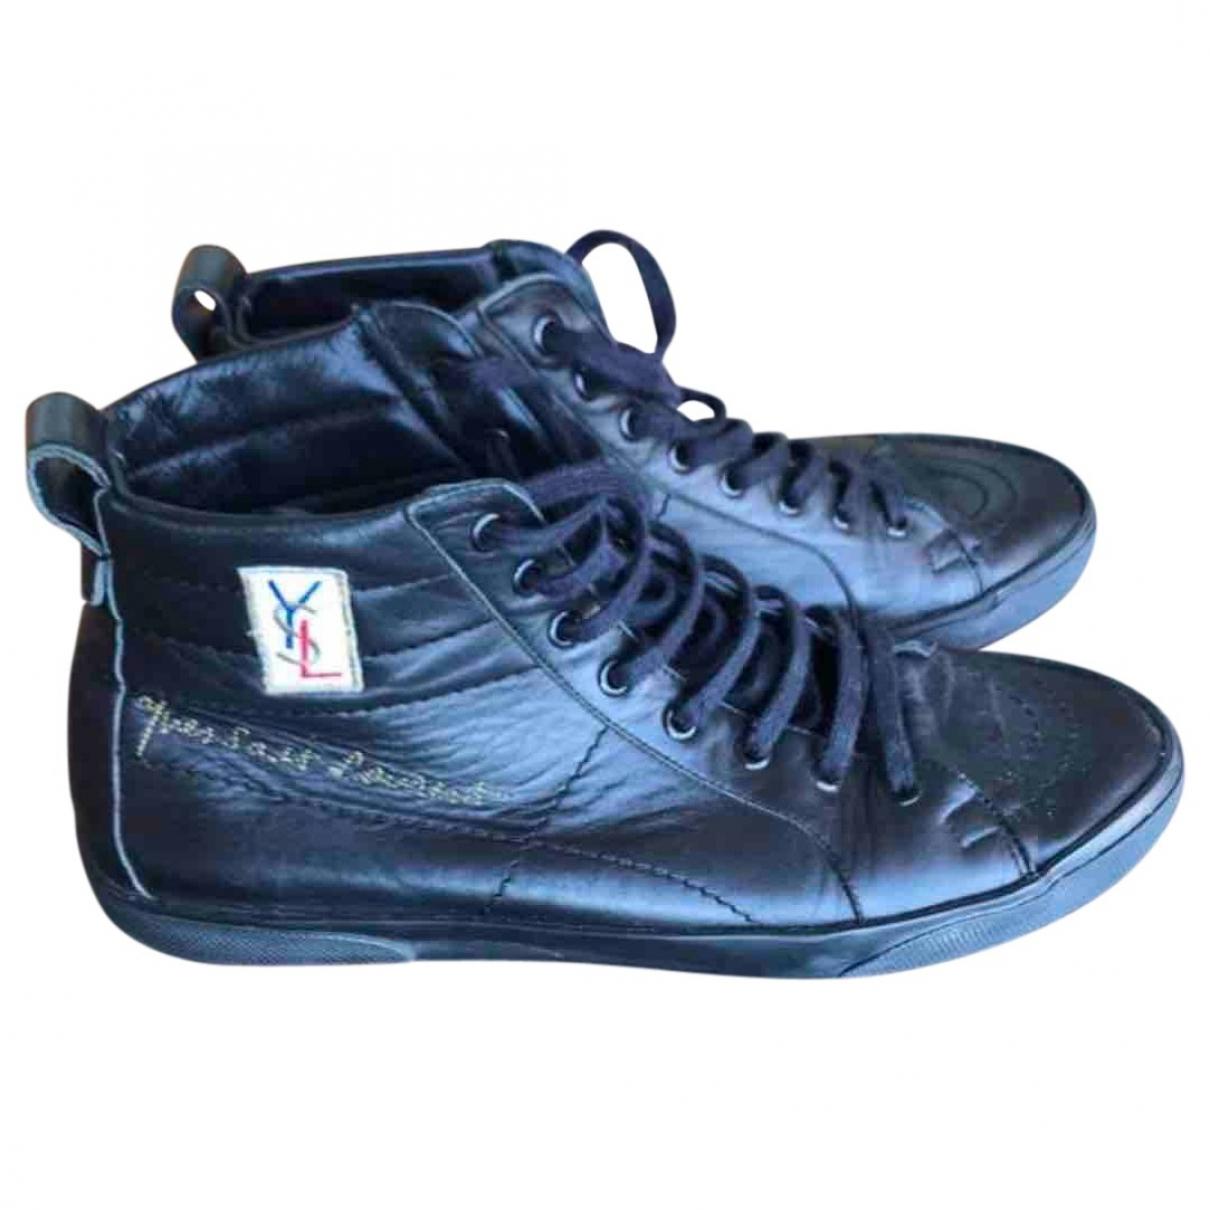 Yves Saint Laurent - Baskets   pour homme en cuir - noir